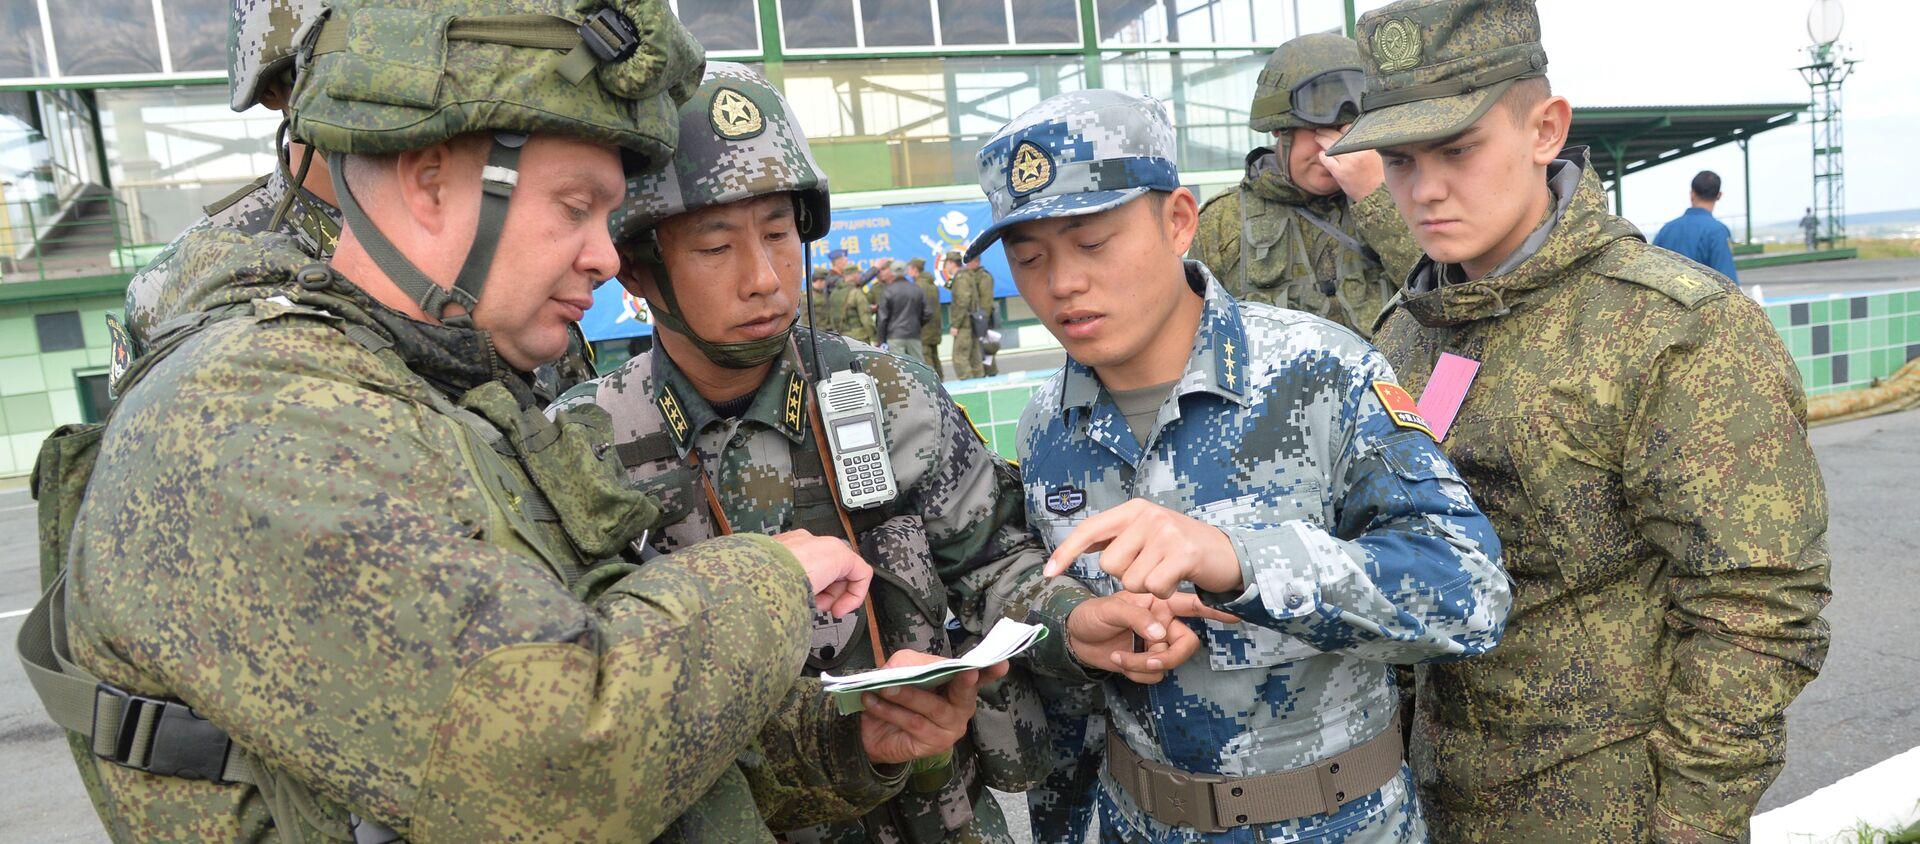 Các quân nhân của CHND Trung Hoa và Nga tham gia cuộc tập trận chỉ huy và tham mưu quân sự chống khủng bố của lực lượng vũ trang các nước thành viên SCO Sứ mệnh hòa bình - 2018 tại bãi tập ở Chebarkul - Sputnik Việt Nam, 1920, 15.05.2021